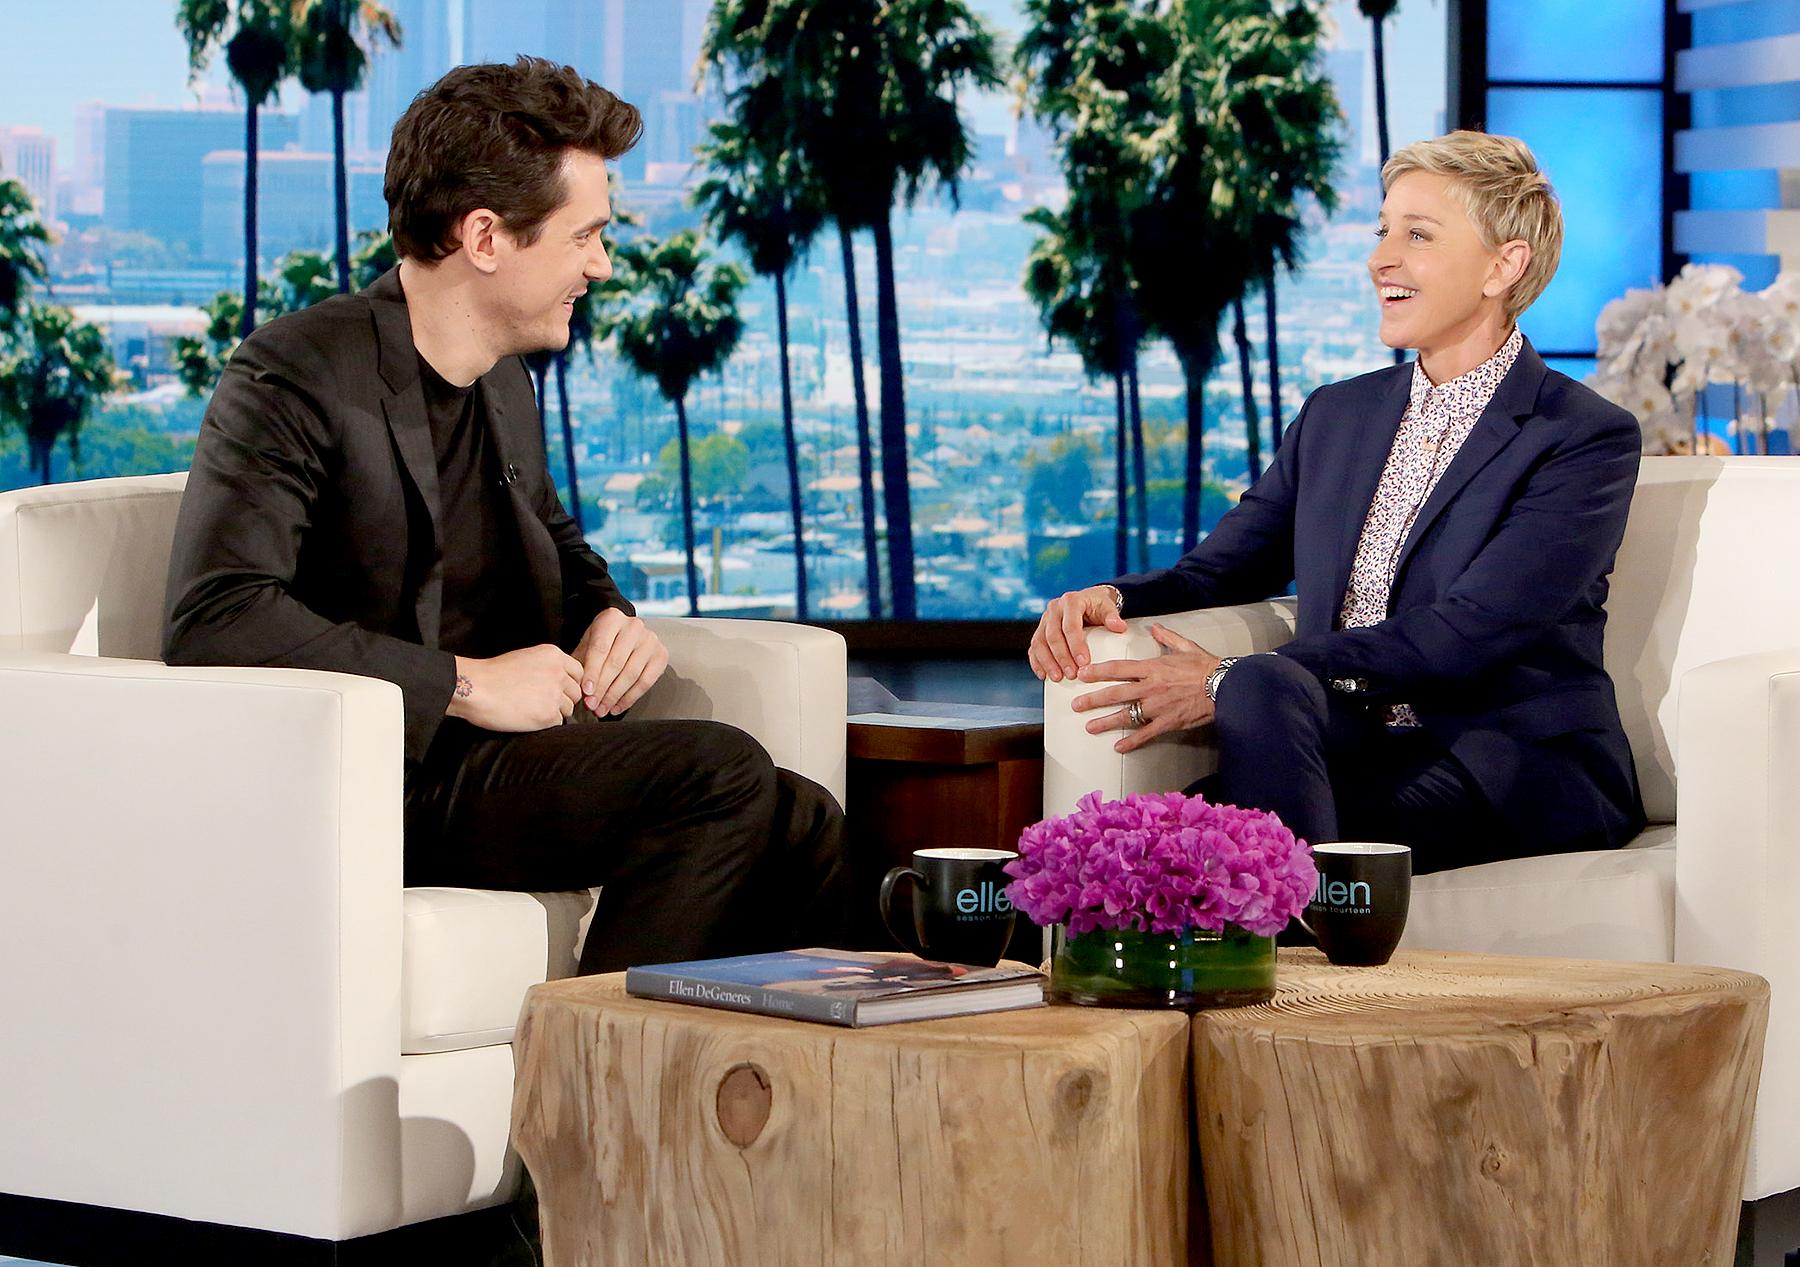 John Mayer and Ellen DeGeneres